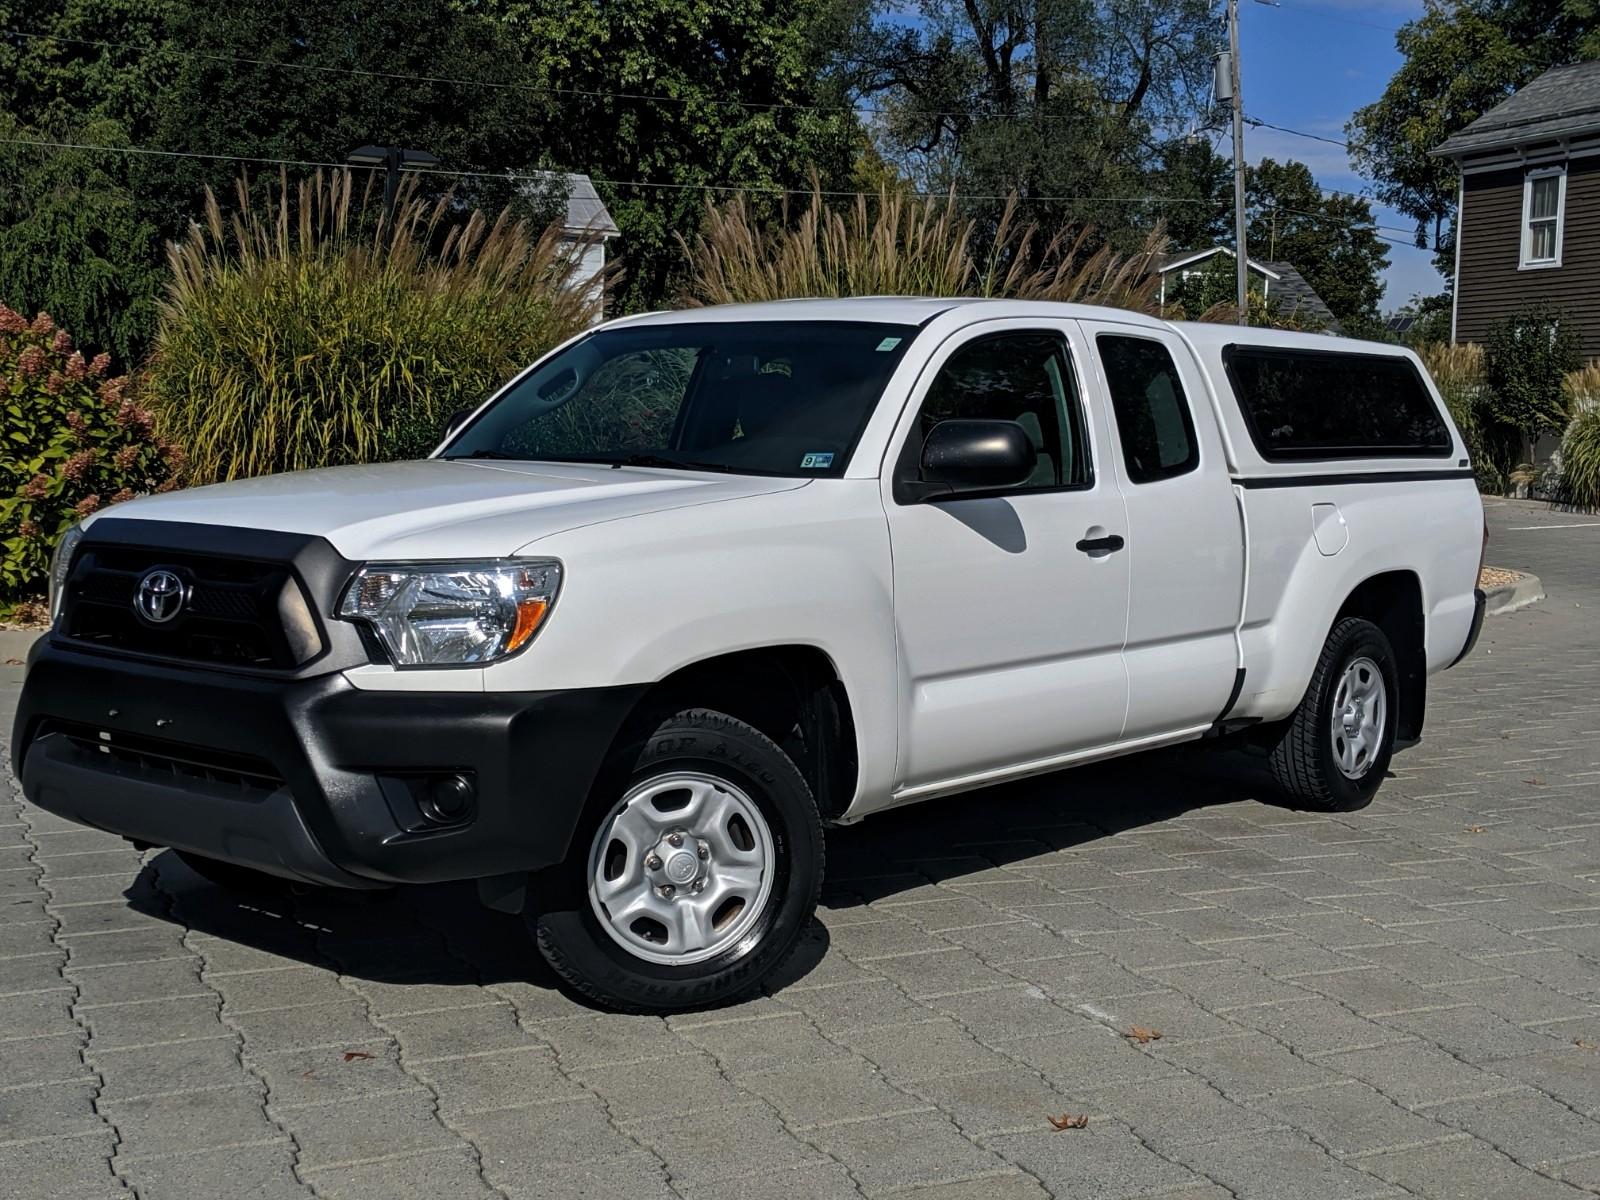 Tacoma Access Cab >> 2015 Toyota Tacoma Access Cab